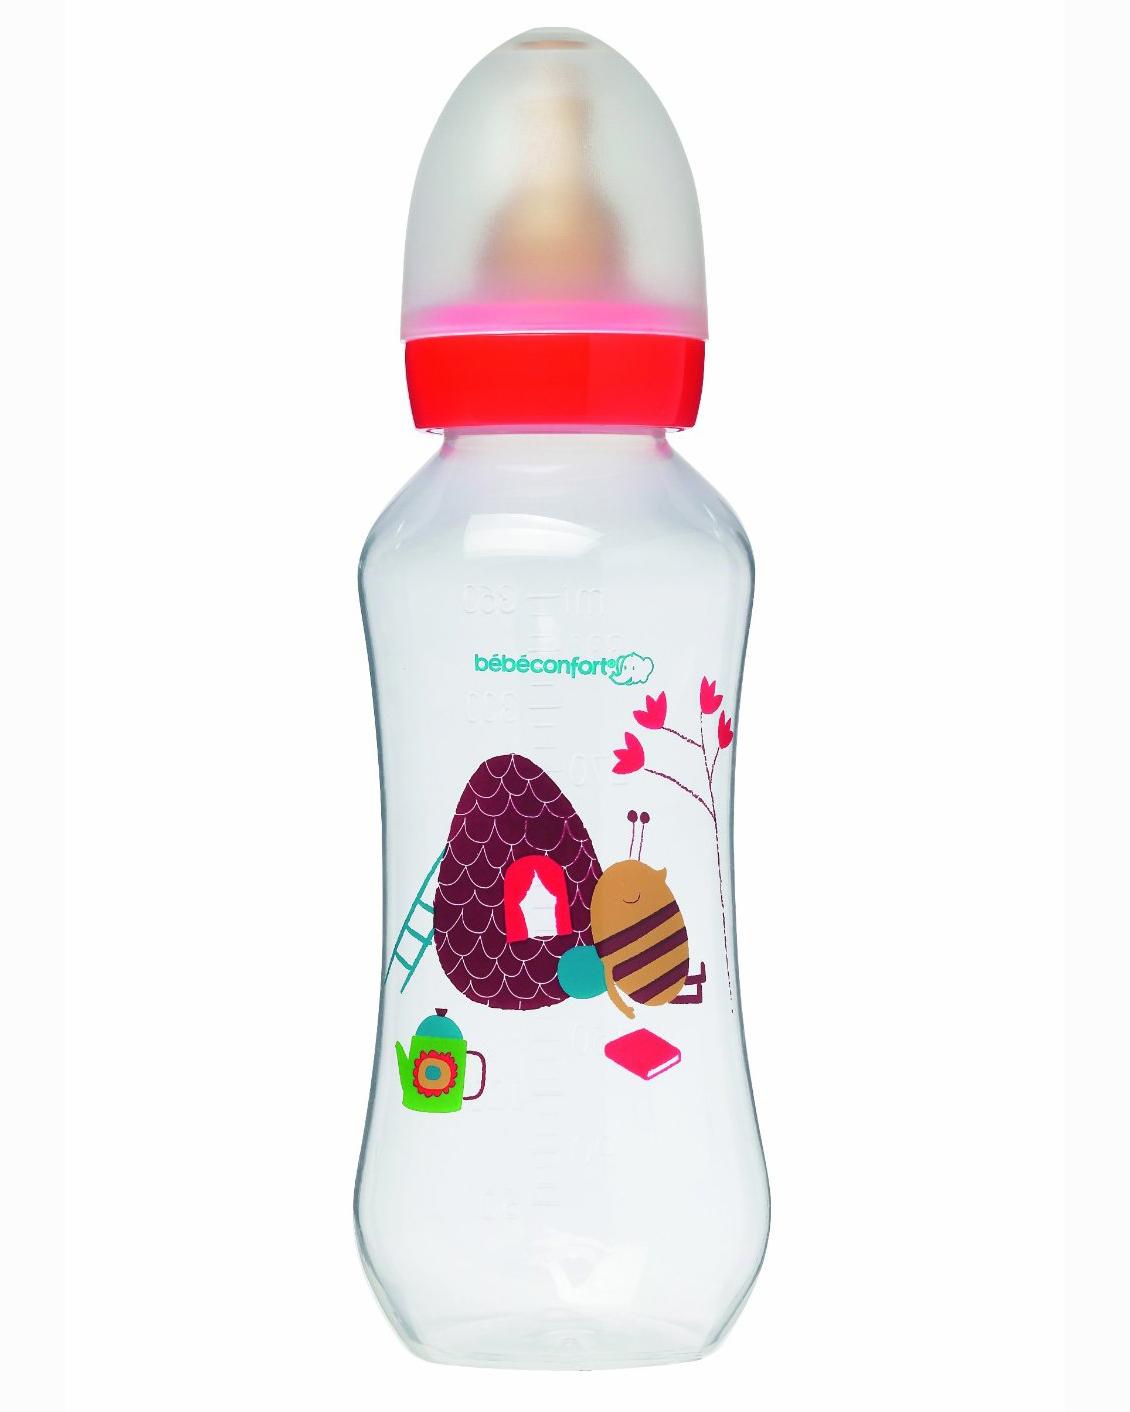 Пластиковая бутылочка для кормления - Classic, 360 млБутылочки<br>Пластиковая бутылочка для кормления - Classic, 360 мл<br>